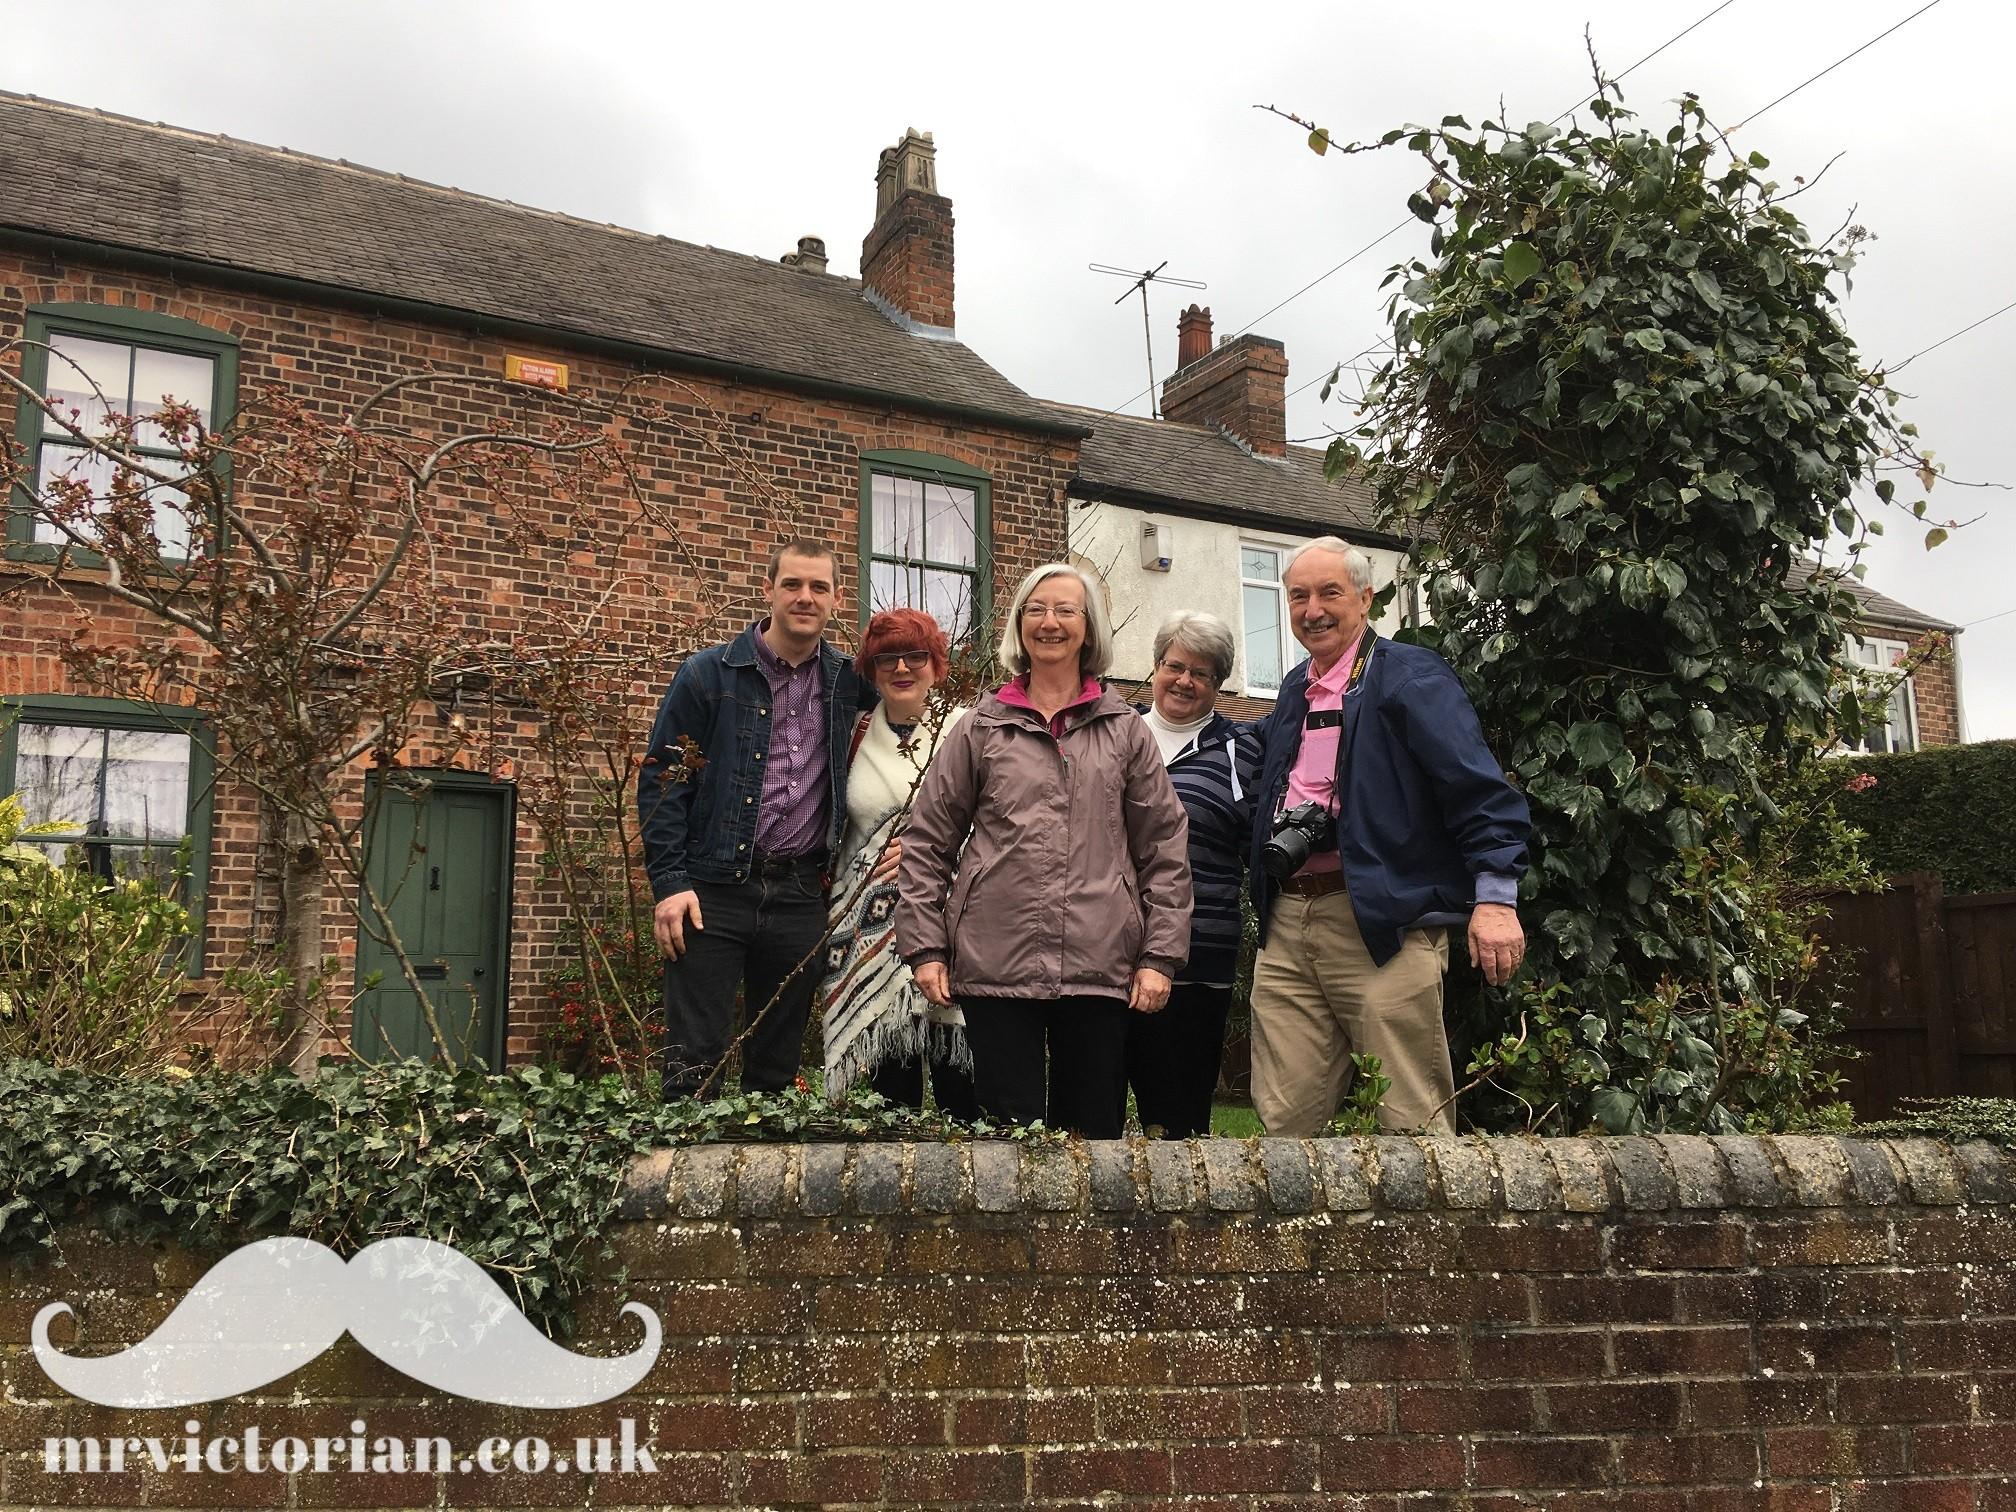 Descendants Robinson Mr Victorian house 2018